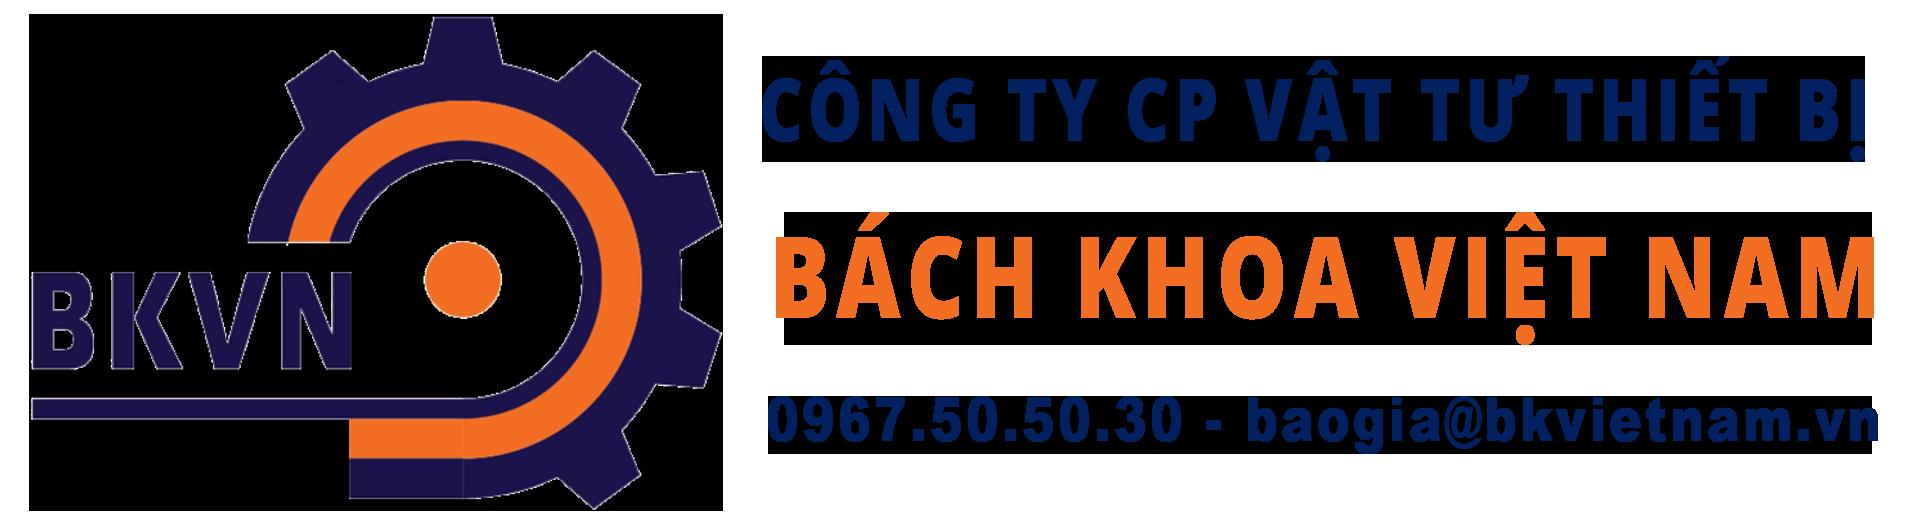 Bách Khoa Việt Nam